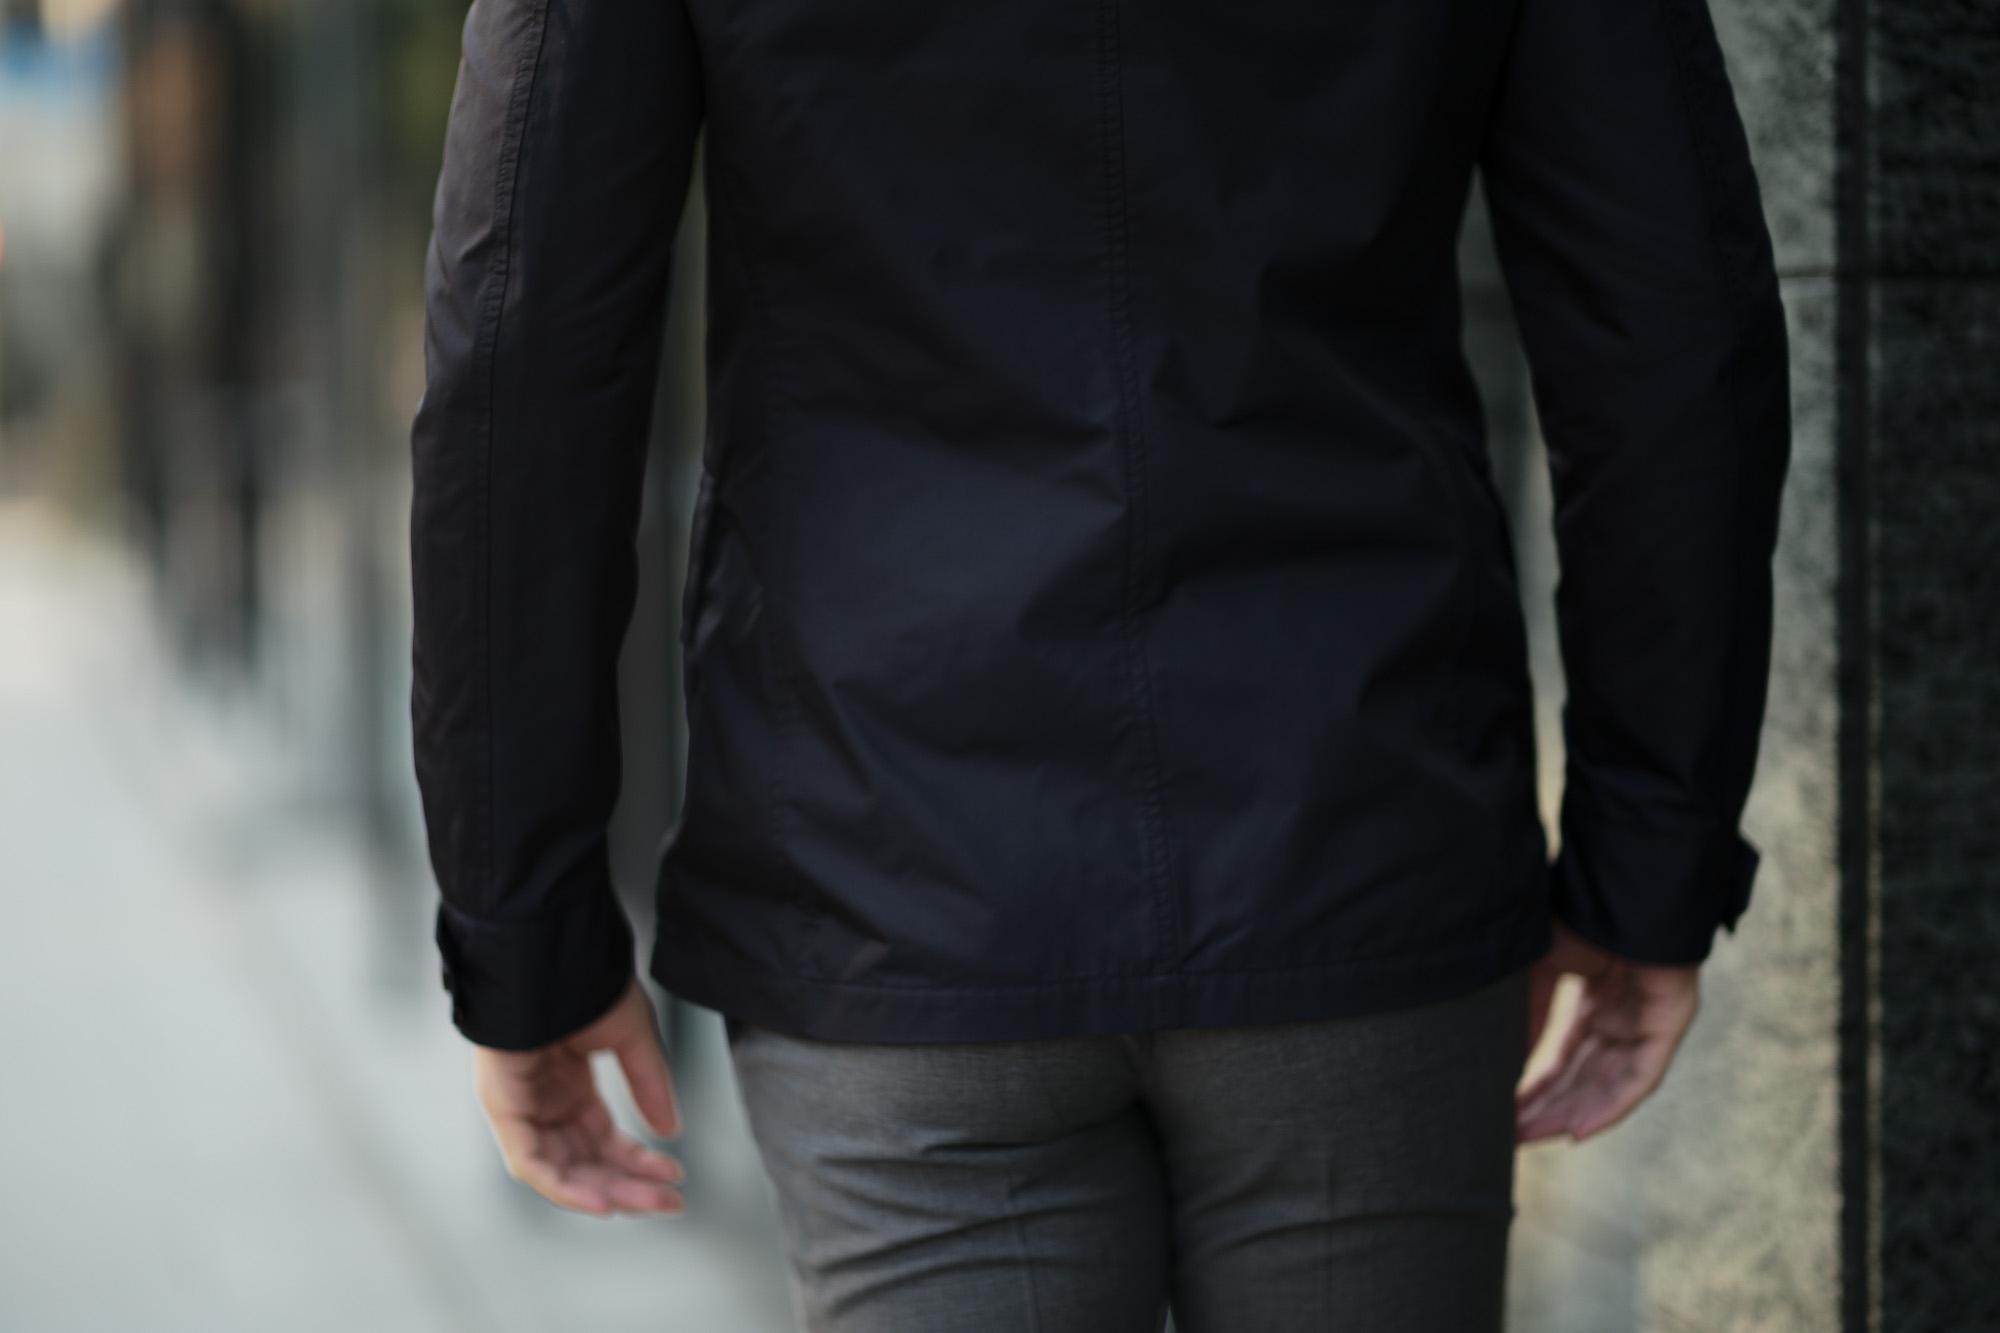 MOORER (ムーレー) PORTO-KM (ポルト) M-65 フィールド ナイロン ジャケット BLU (ネイビー) Made in italy (イタリア製) 2019 春夏新作 愛知 名古屋 Alto e Diritto アルトエデリット